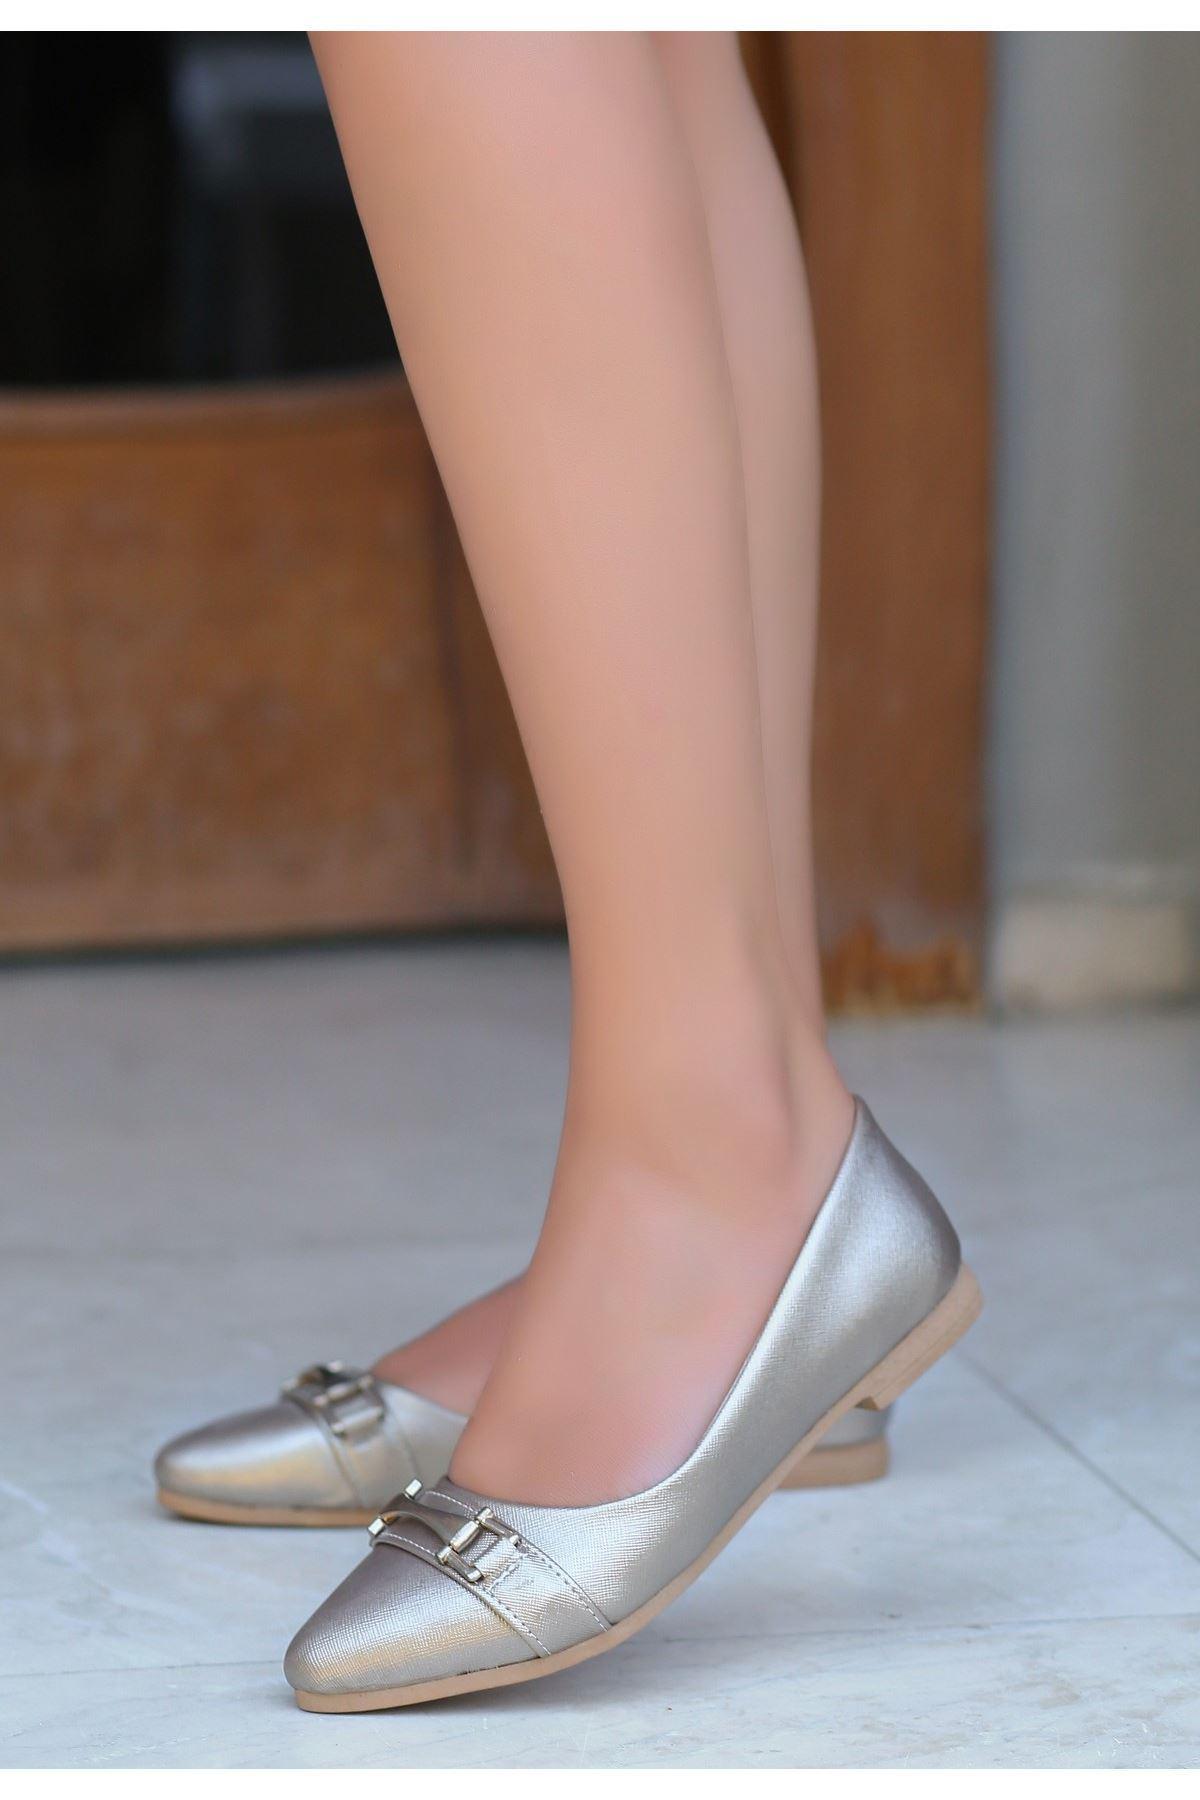 Lorio Gold Cilt Tokalı Babet Ayakkabı